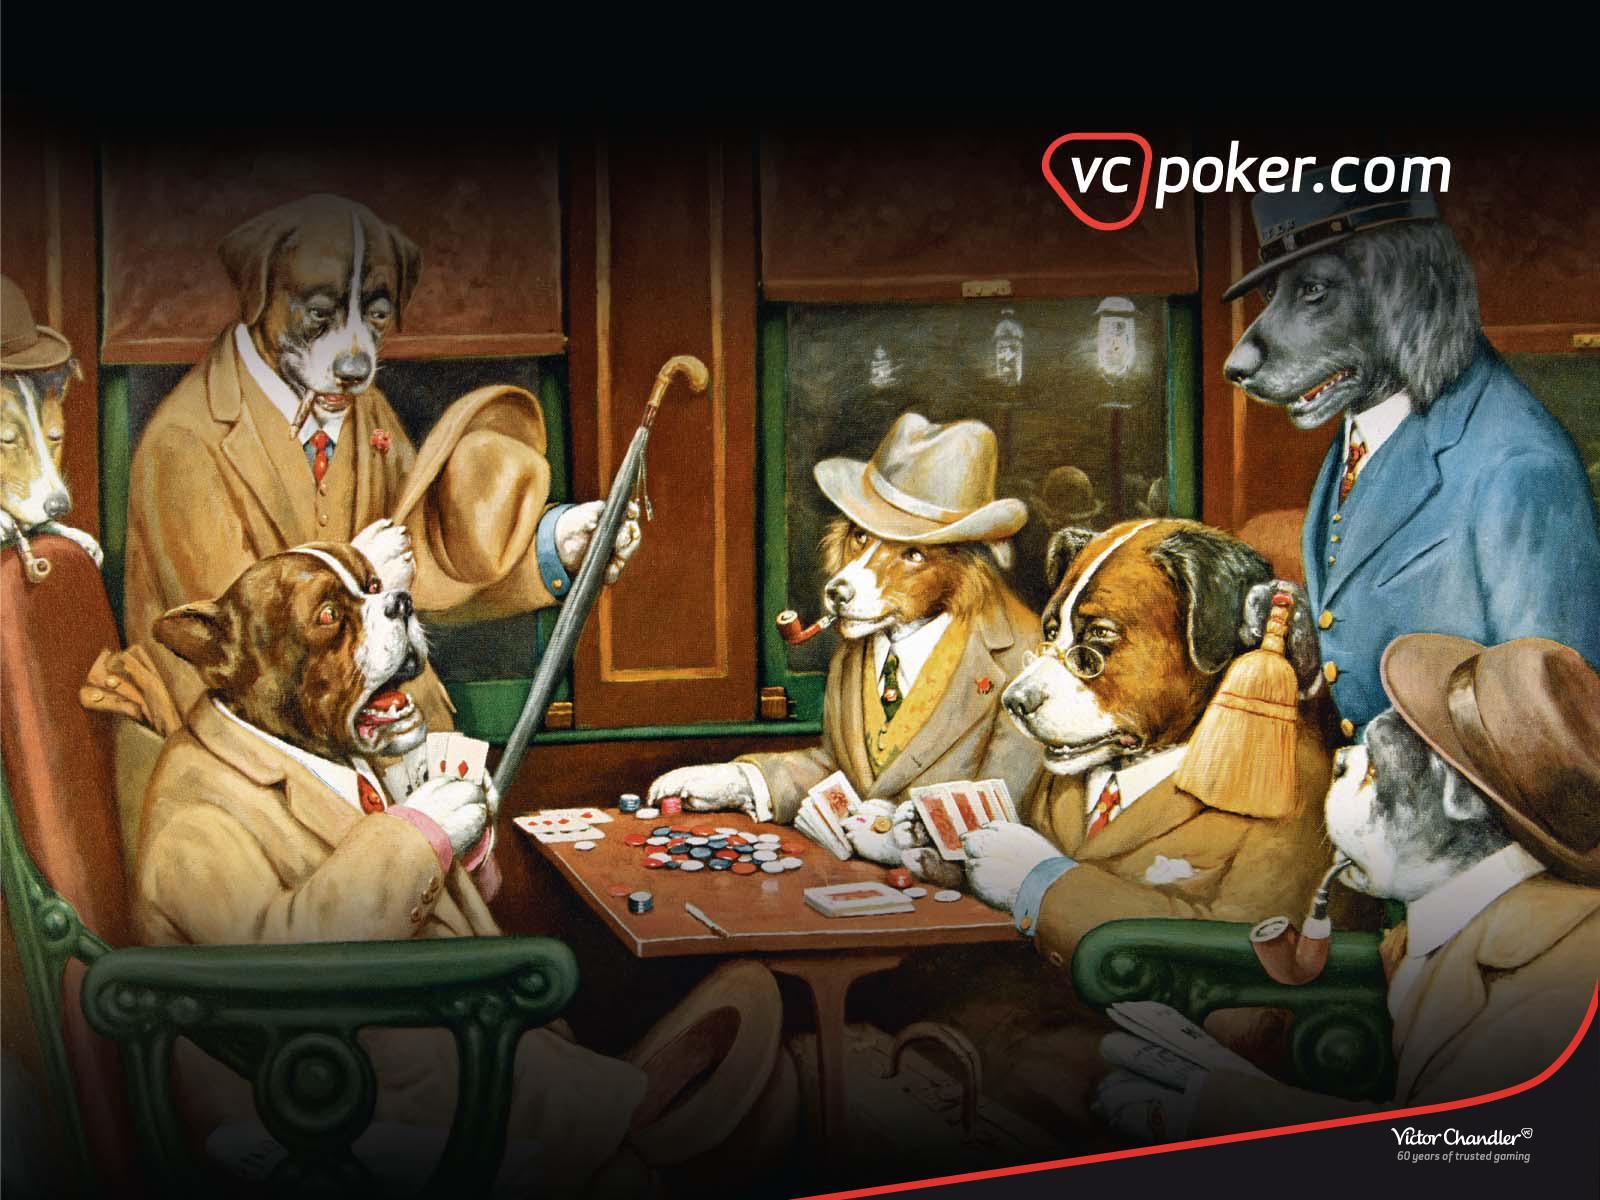 Собаки играют в карты в картинках казино фараон видео как выигрывать